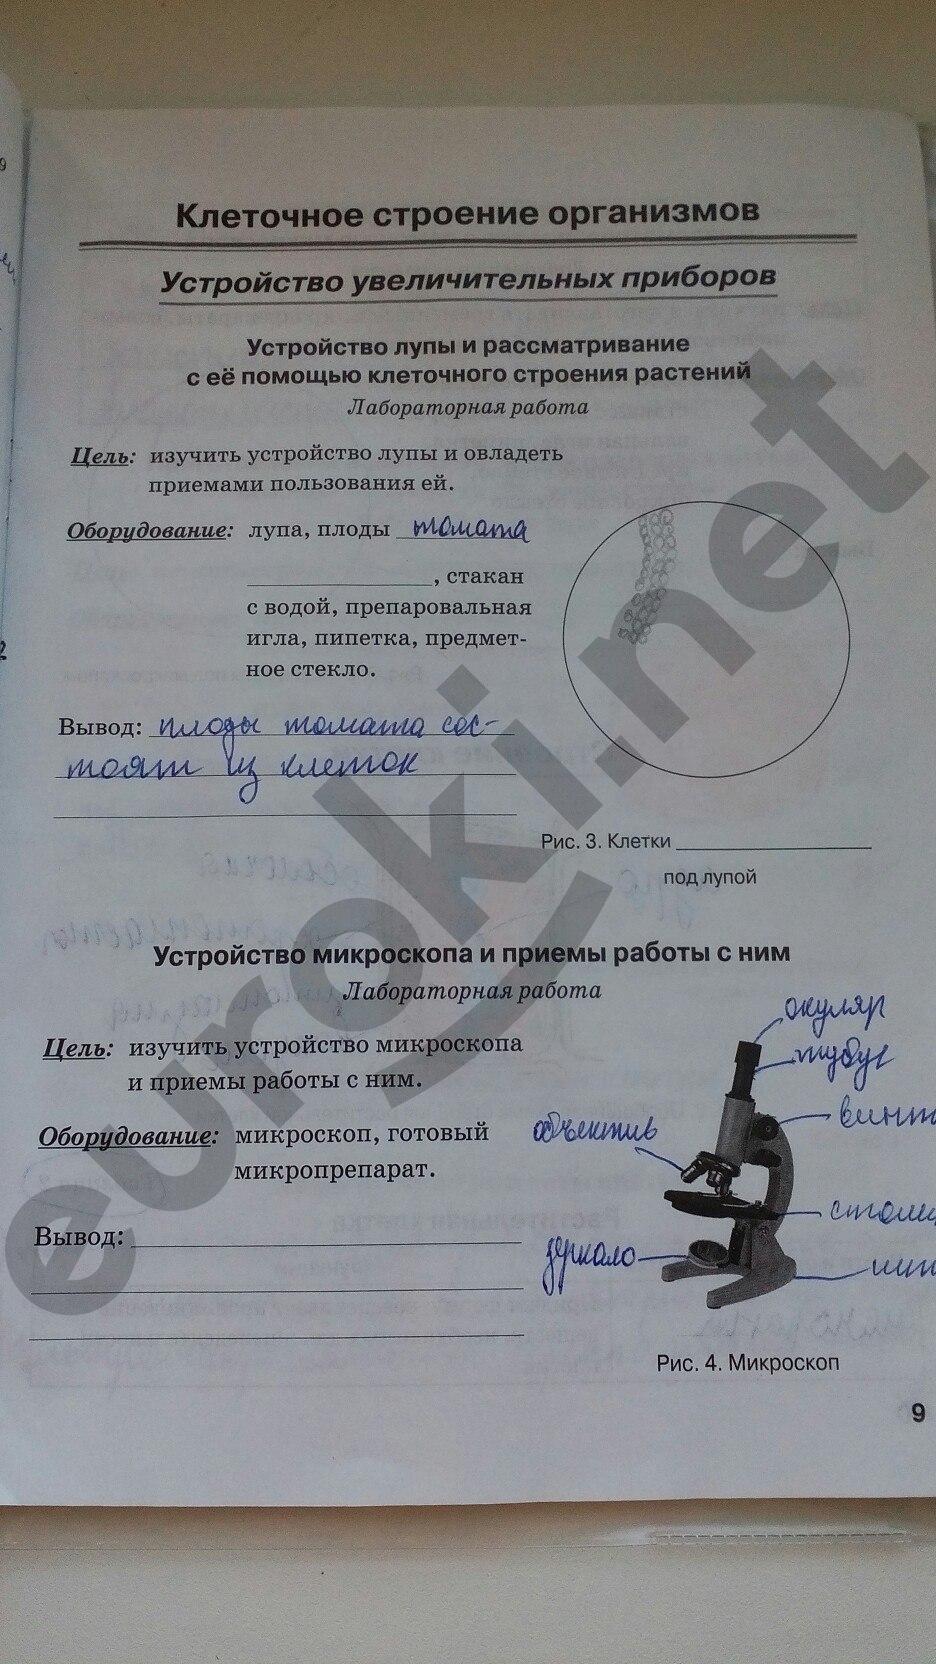 ГДЗ по биологии 5 класс рабочая тетрадь Бодрова. Задание: стр. 9